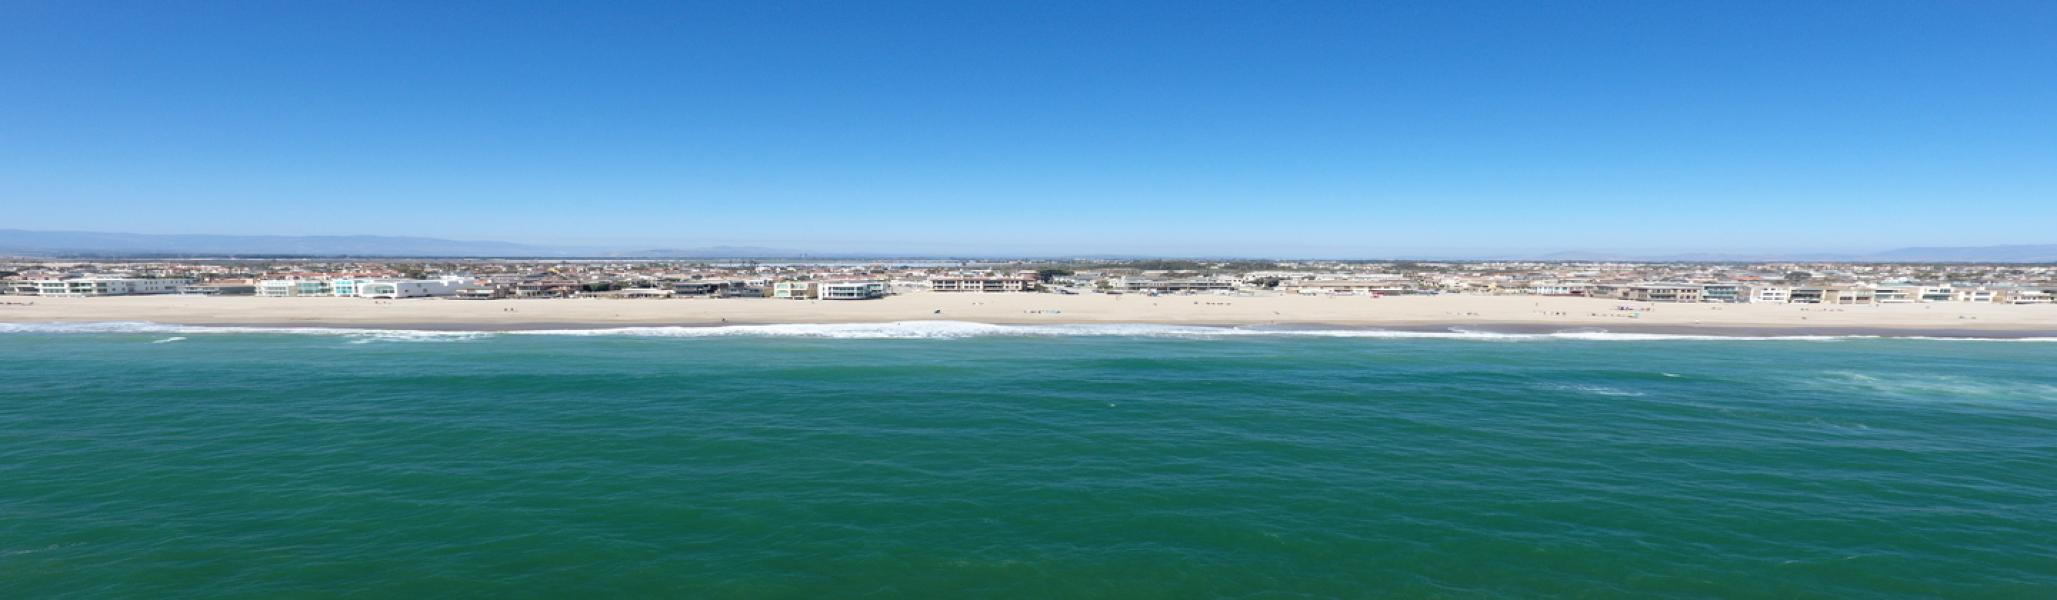 Drone Photo Ventura CA